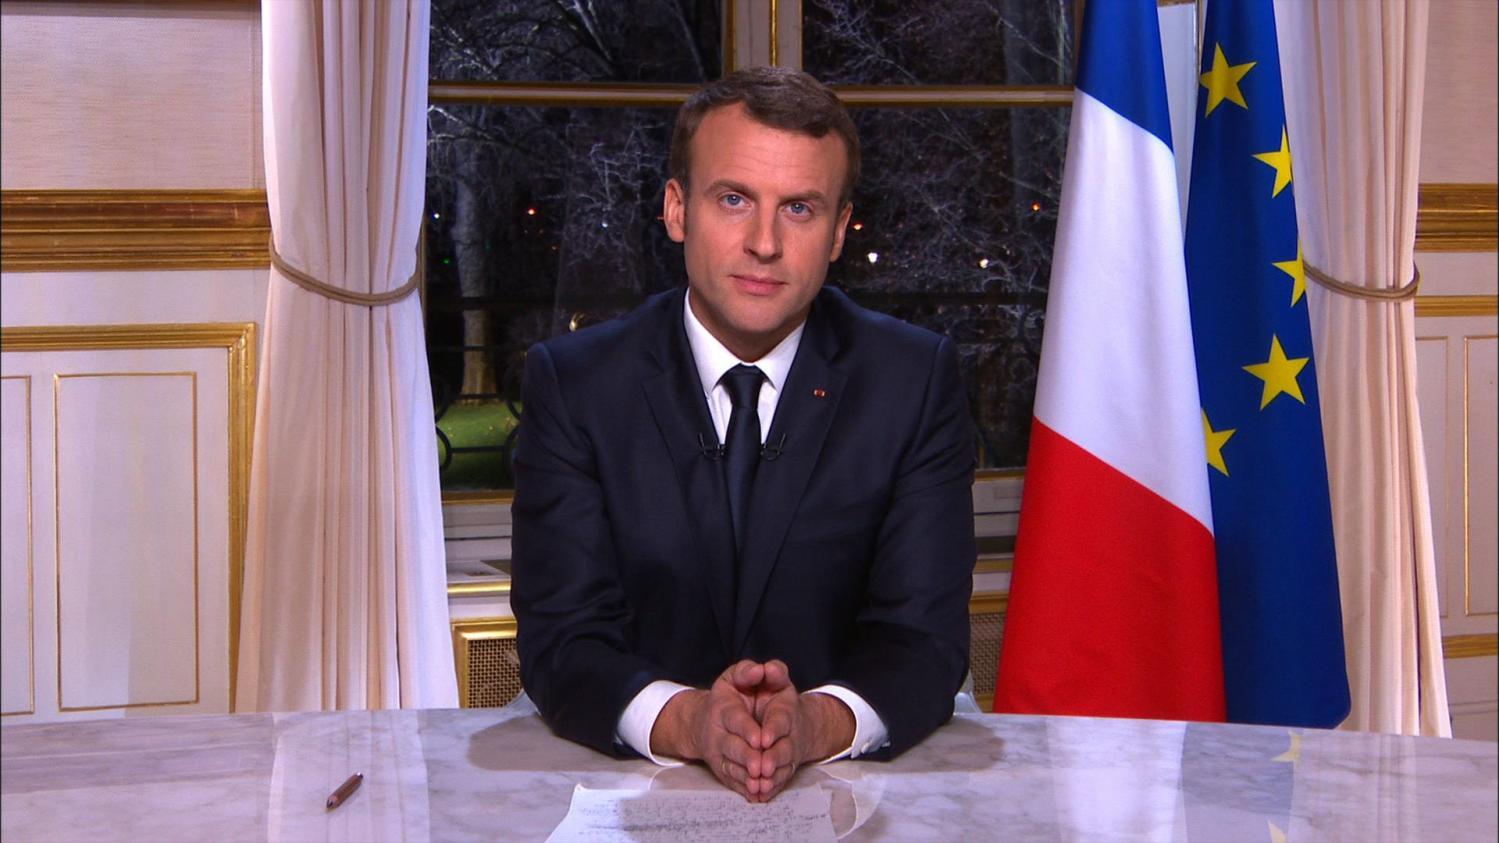 """DIRECT. """"Gilets jaunes"""" : Macron va-t-il convaincre ? Regardez notre édition spéciale avant l'allocution ce soir à 20h"""